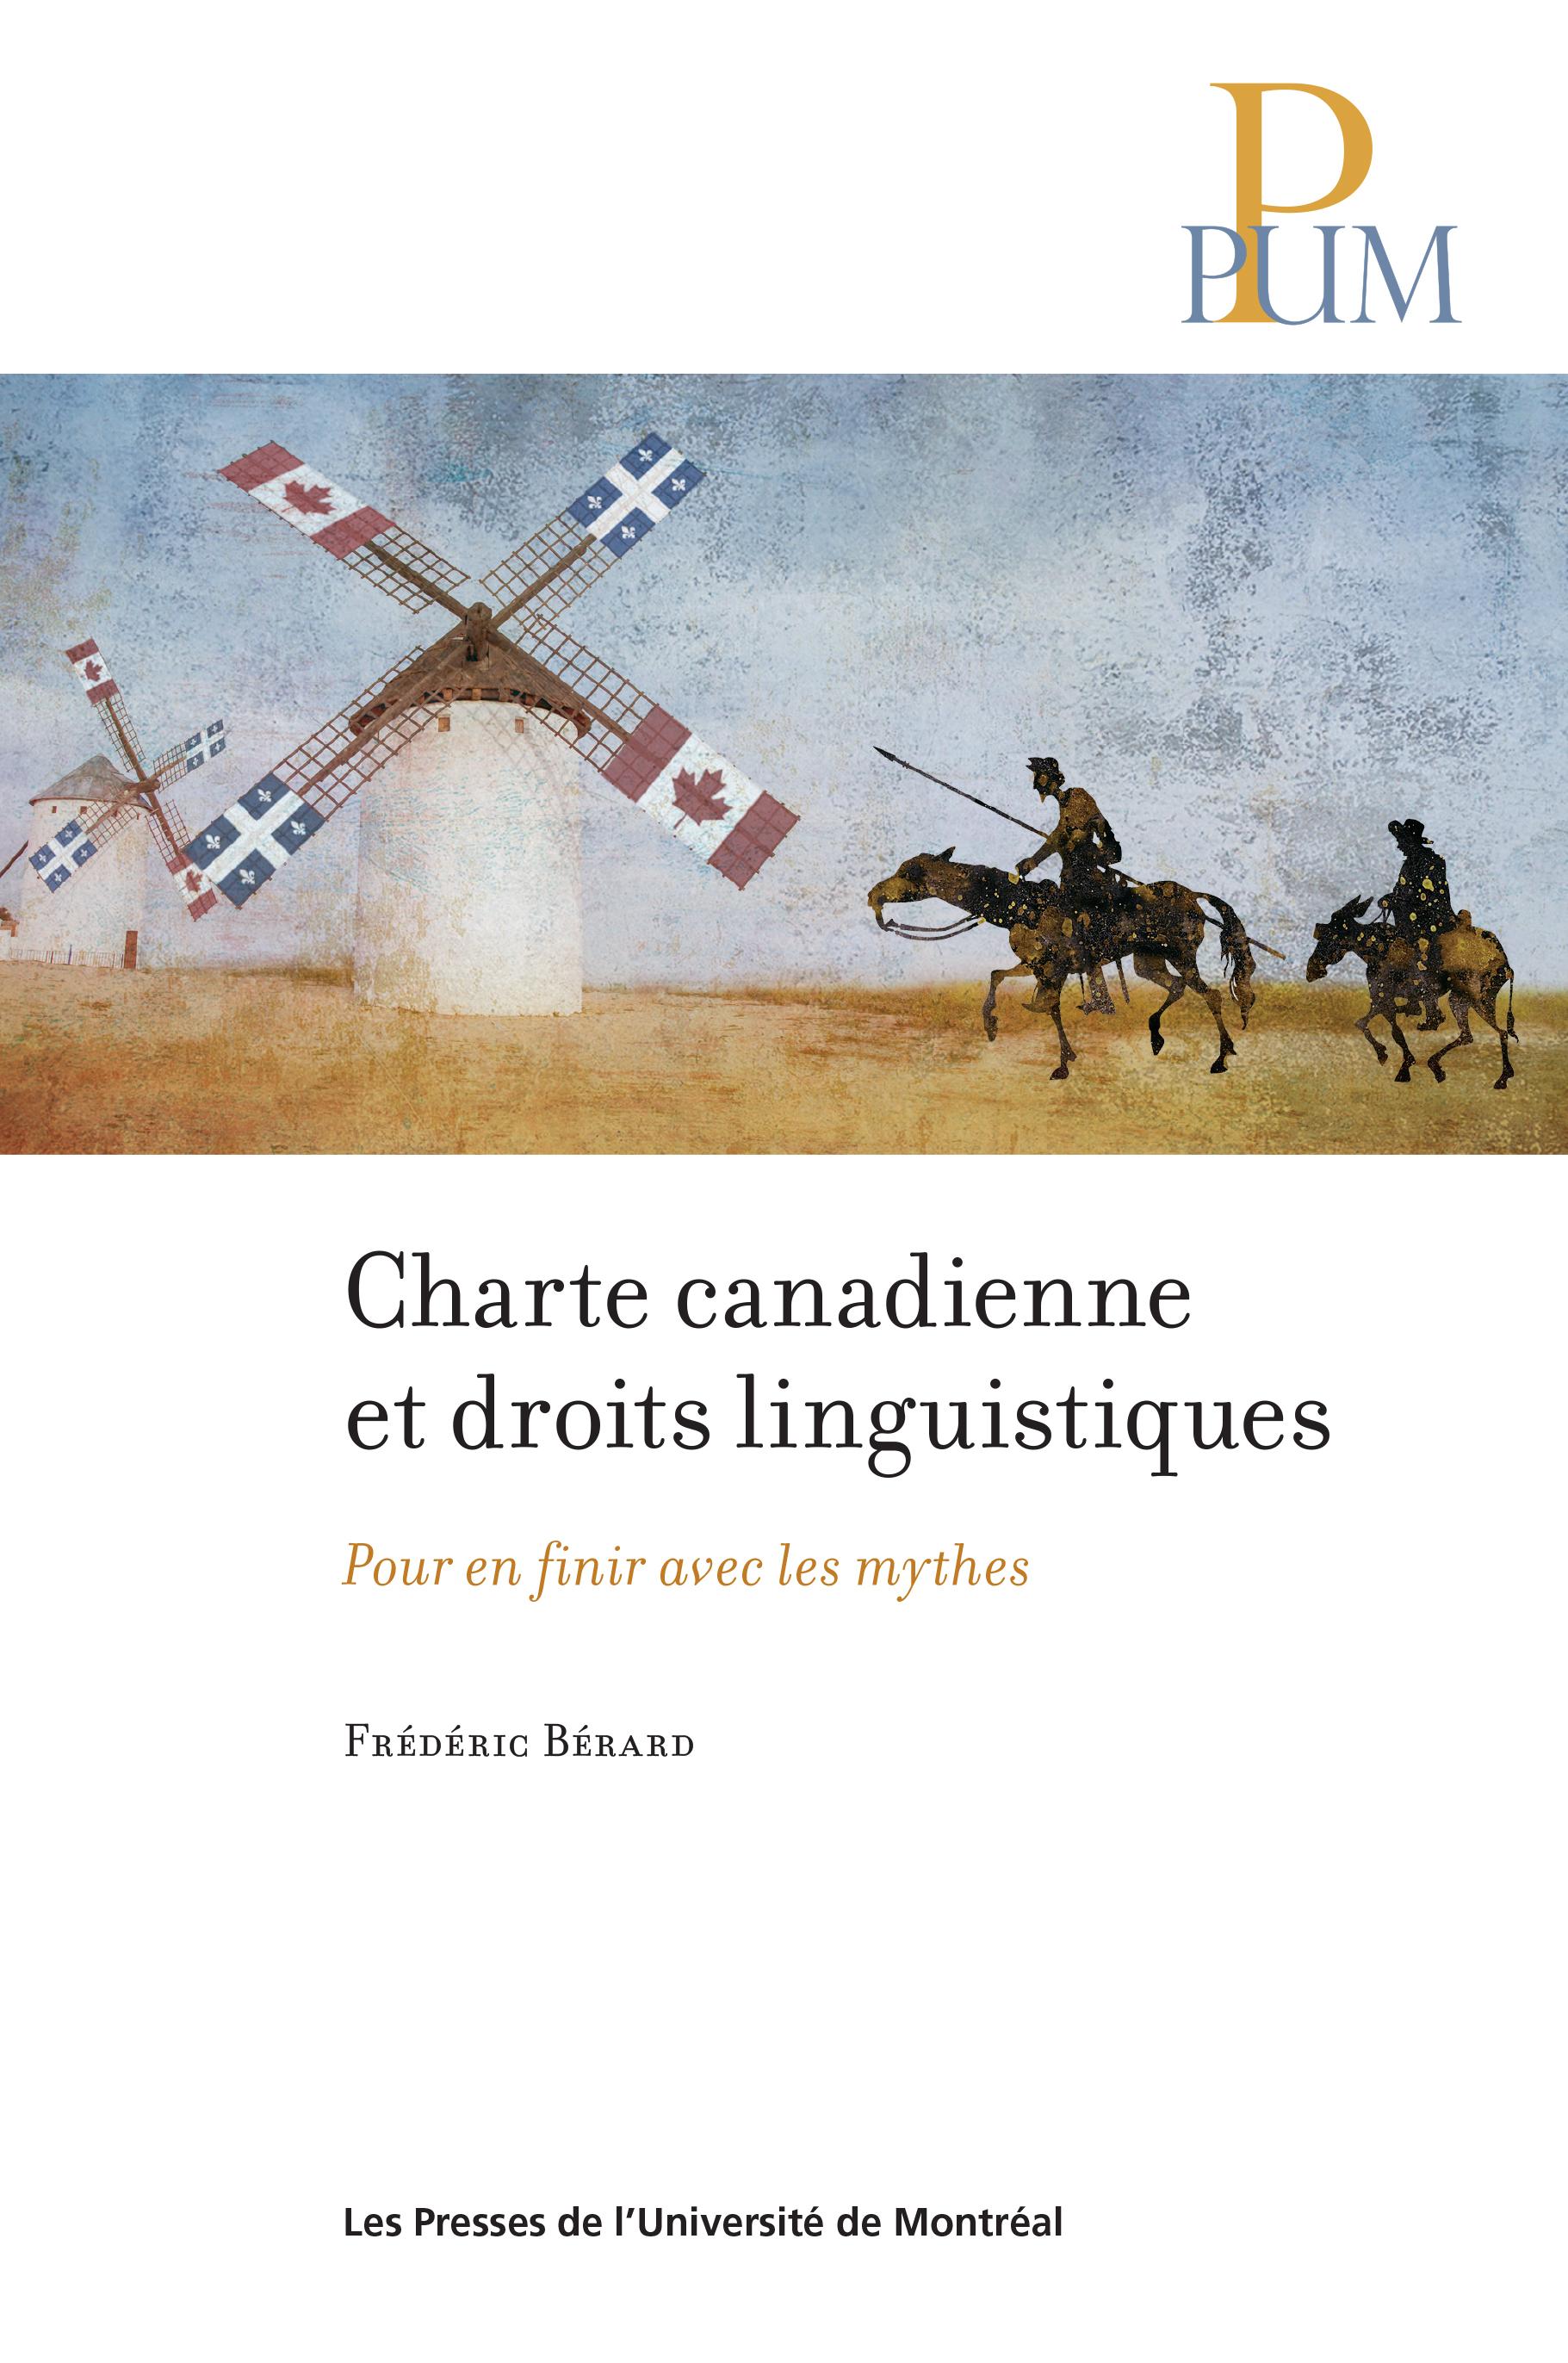 Charte canadienne et droits linguistiques